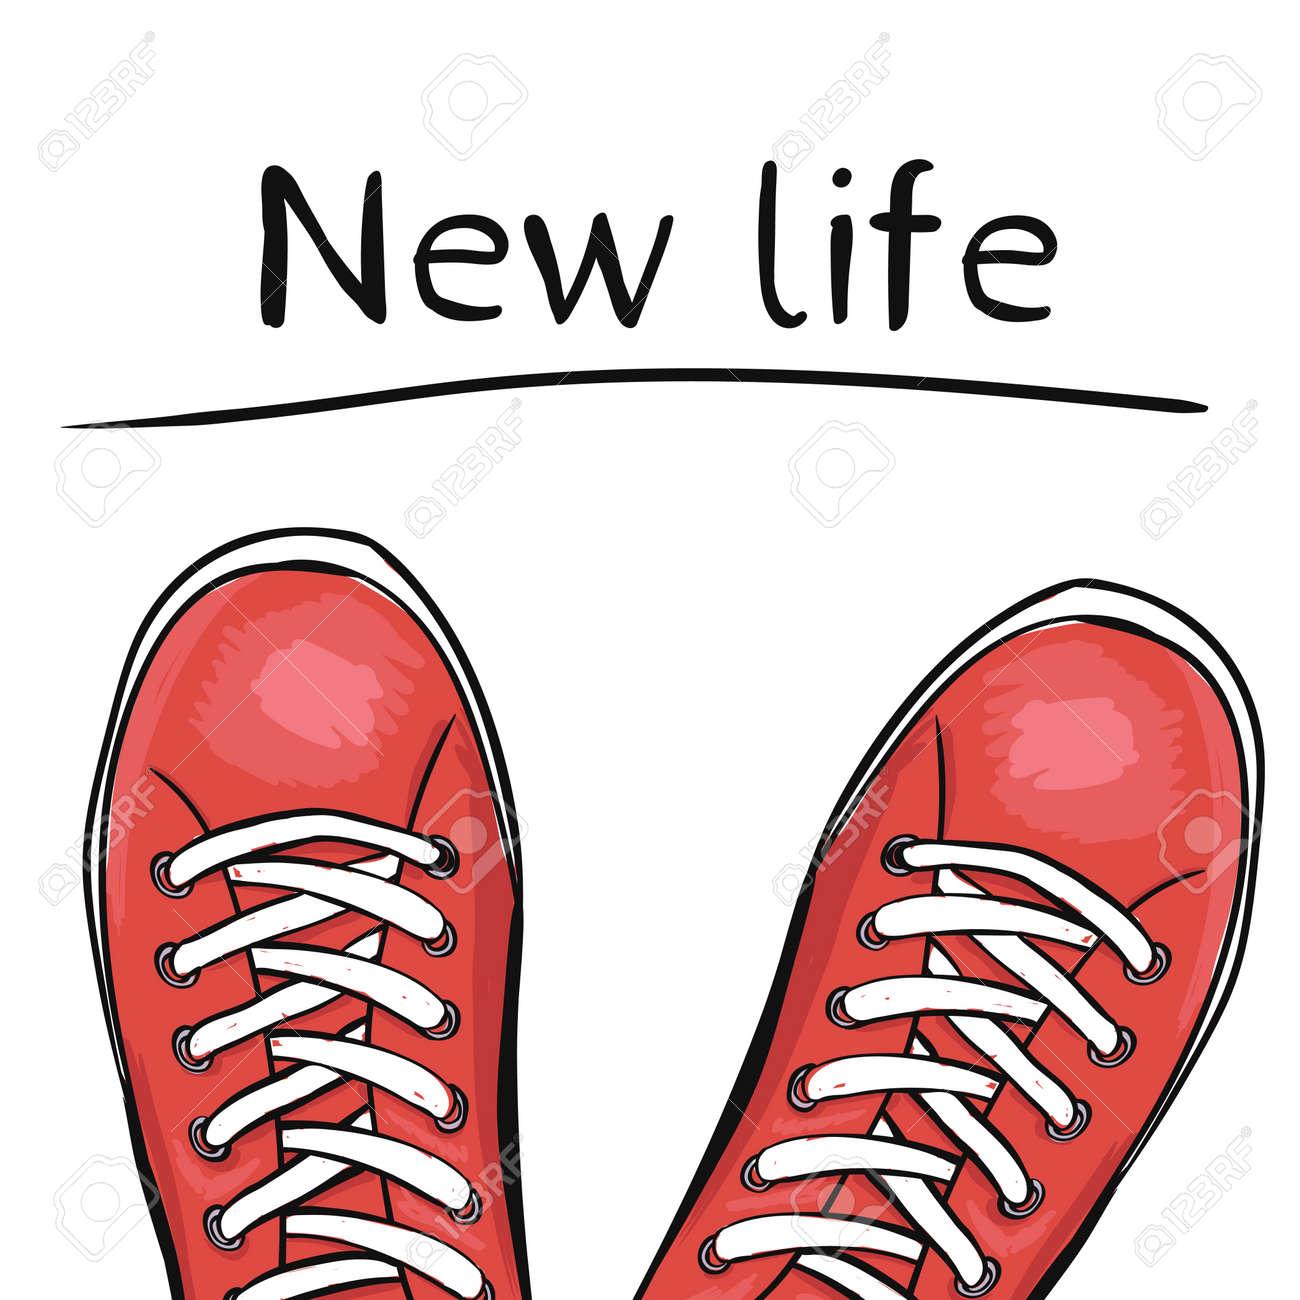 夏のトレンディなスポーツ シューズです。新しい生活を機能する前に、スポーツでの足靴スニーカーです。ベクトル図